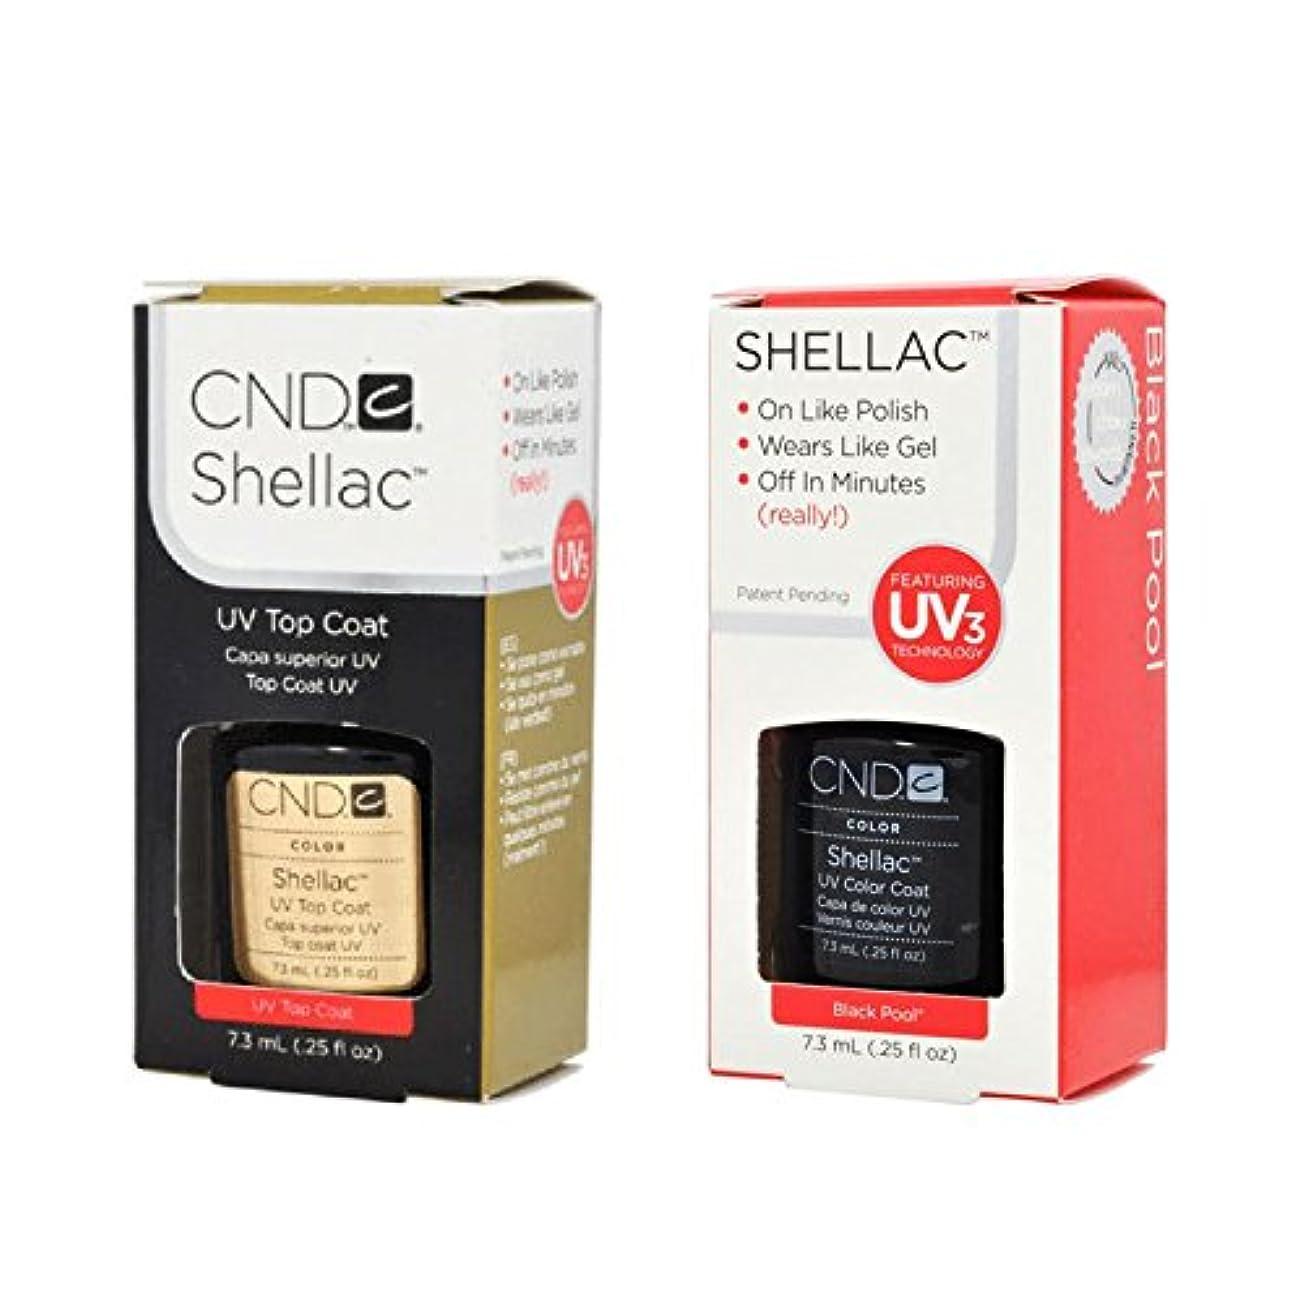 ピーク銅小数CND Shellac UVトップコート 7.3m l  &  UV カラーコー< Black Pool>7.3ml [海外直送品]